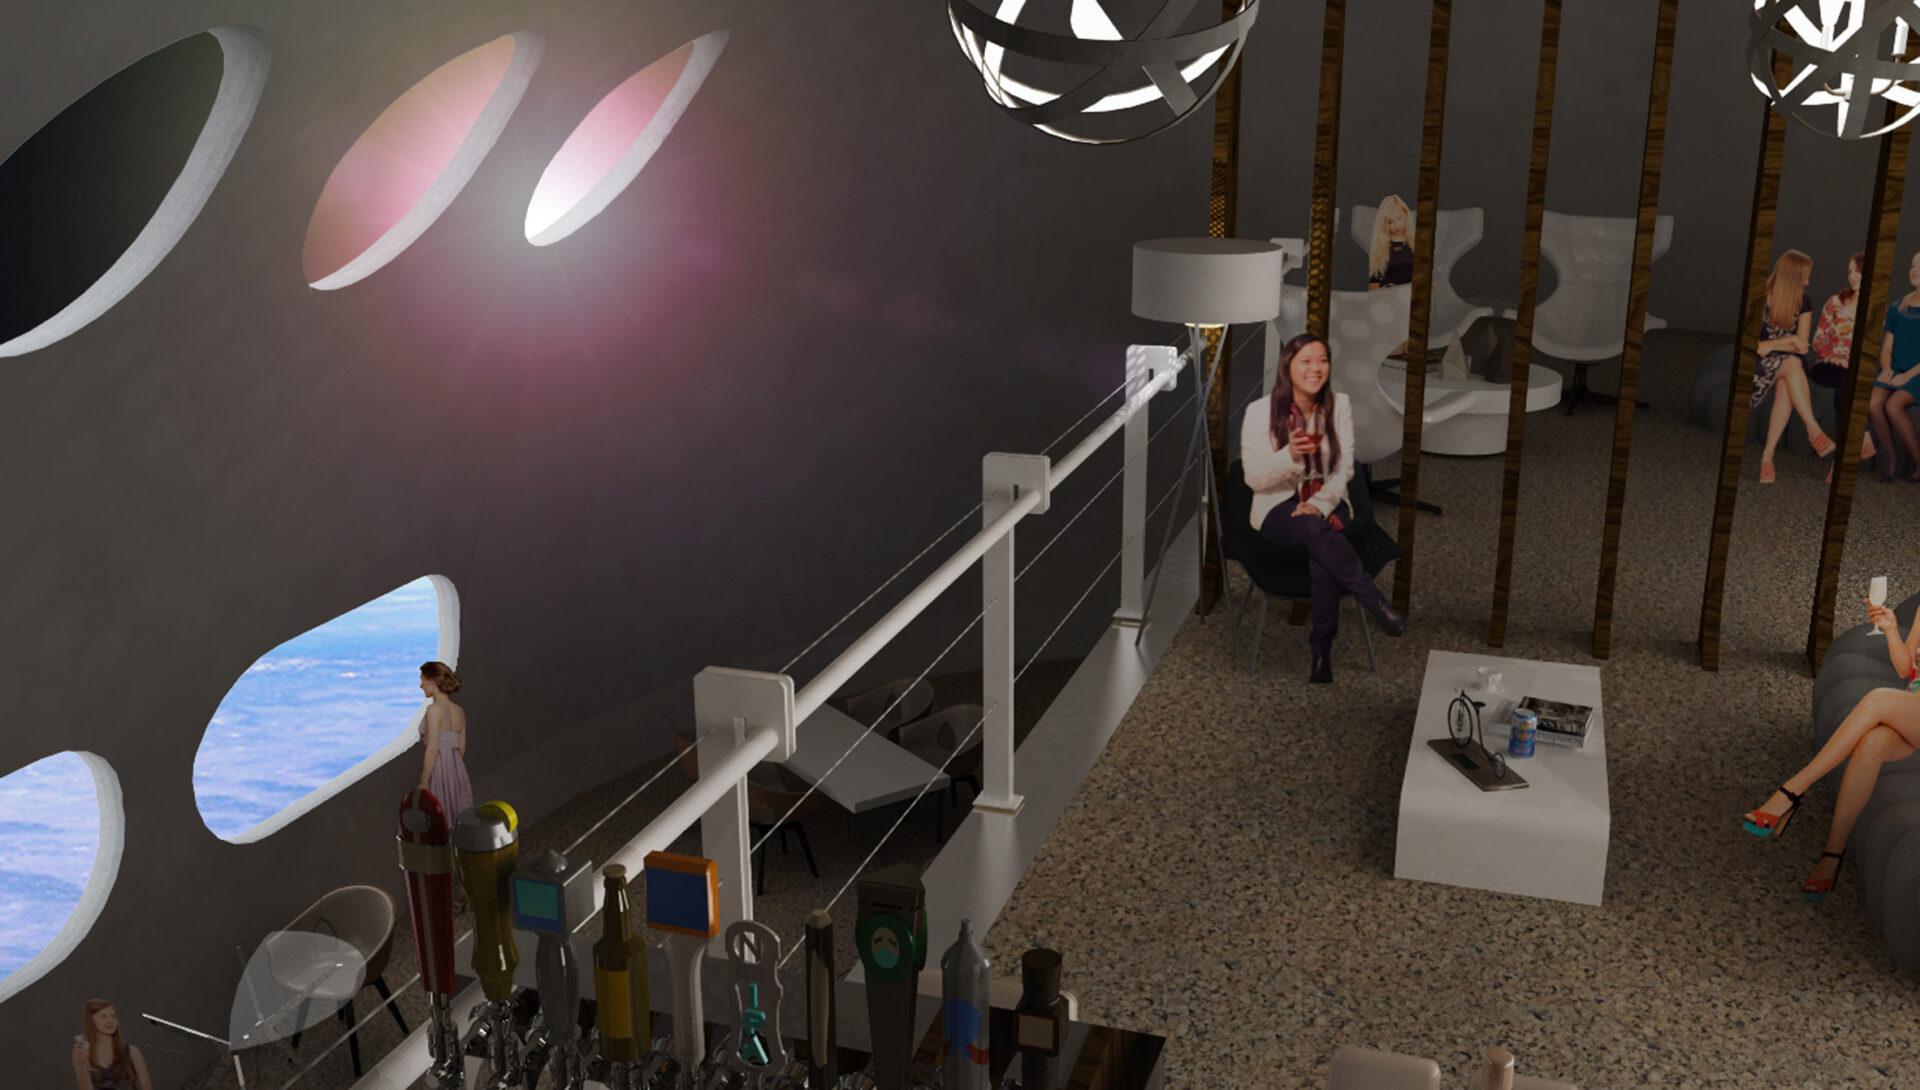 Von Braun Space Station: bar